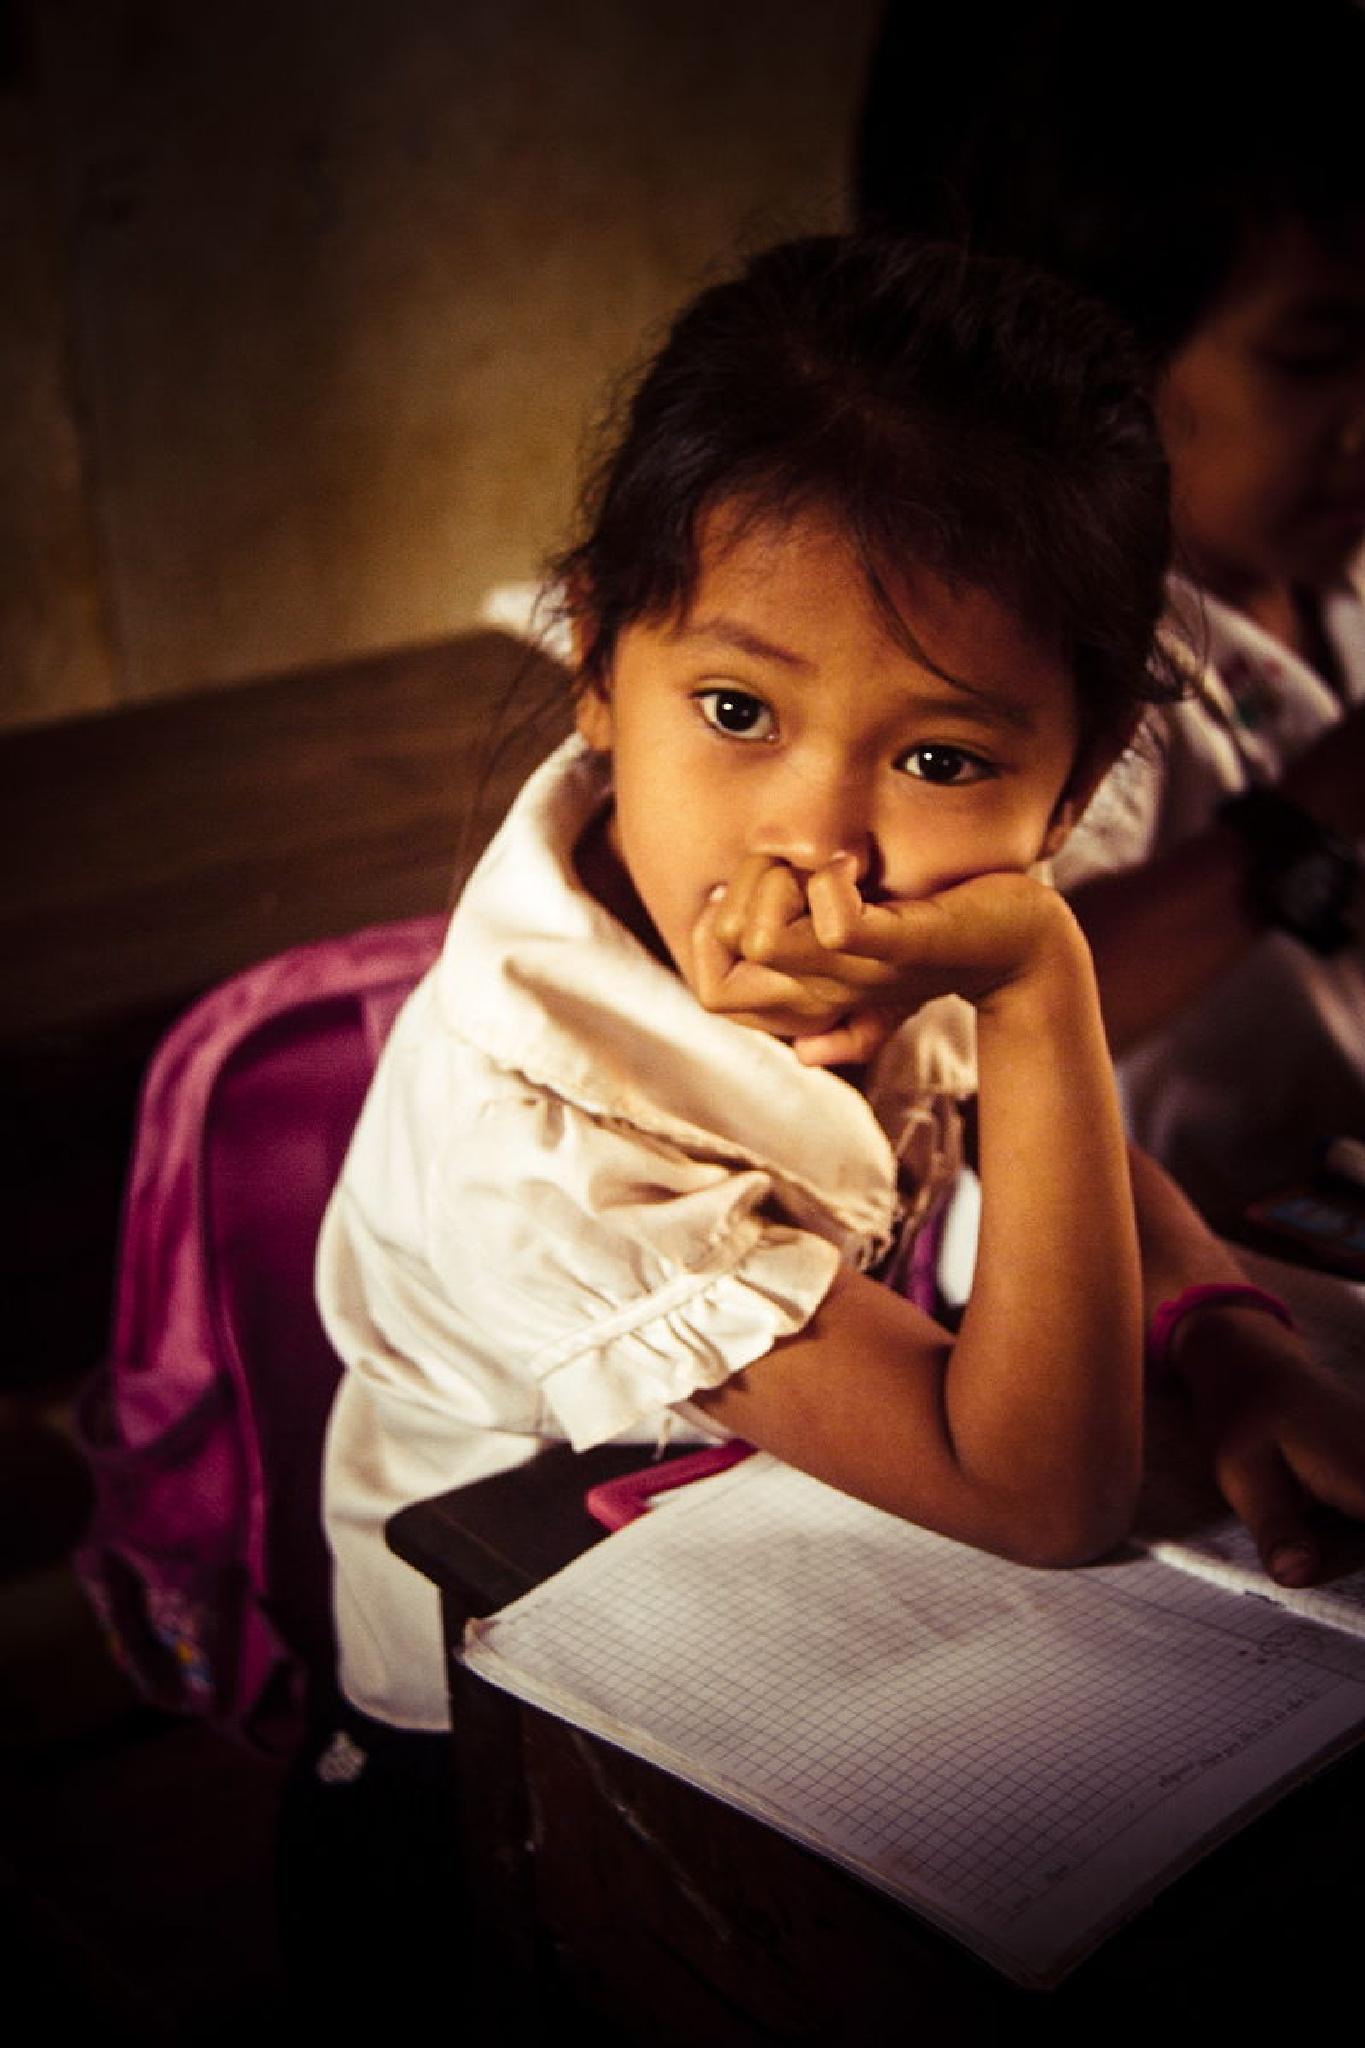 カンボジアの肖像20151218B by wwfax photography